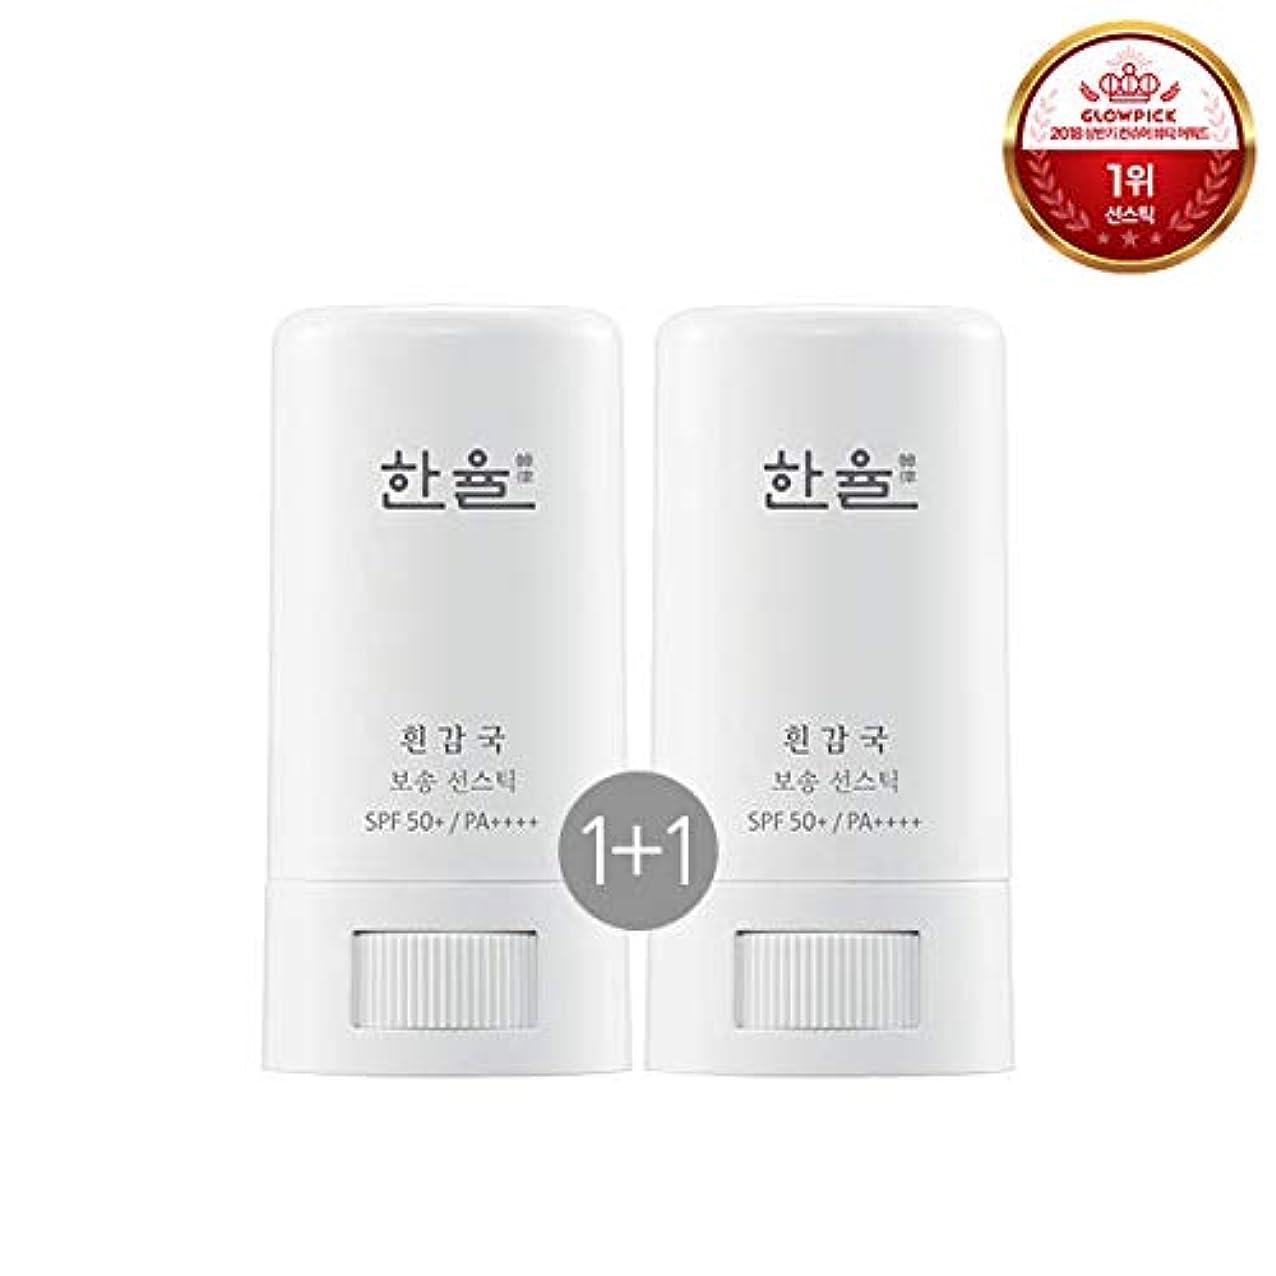 もつれライラック特別にハンユル 白いガムグクサラサラ線スティック 17g, SPF50+ PA++++ / HANYUL White Chrysanthemum Matte Sunscreen Stick (2個)